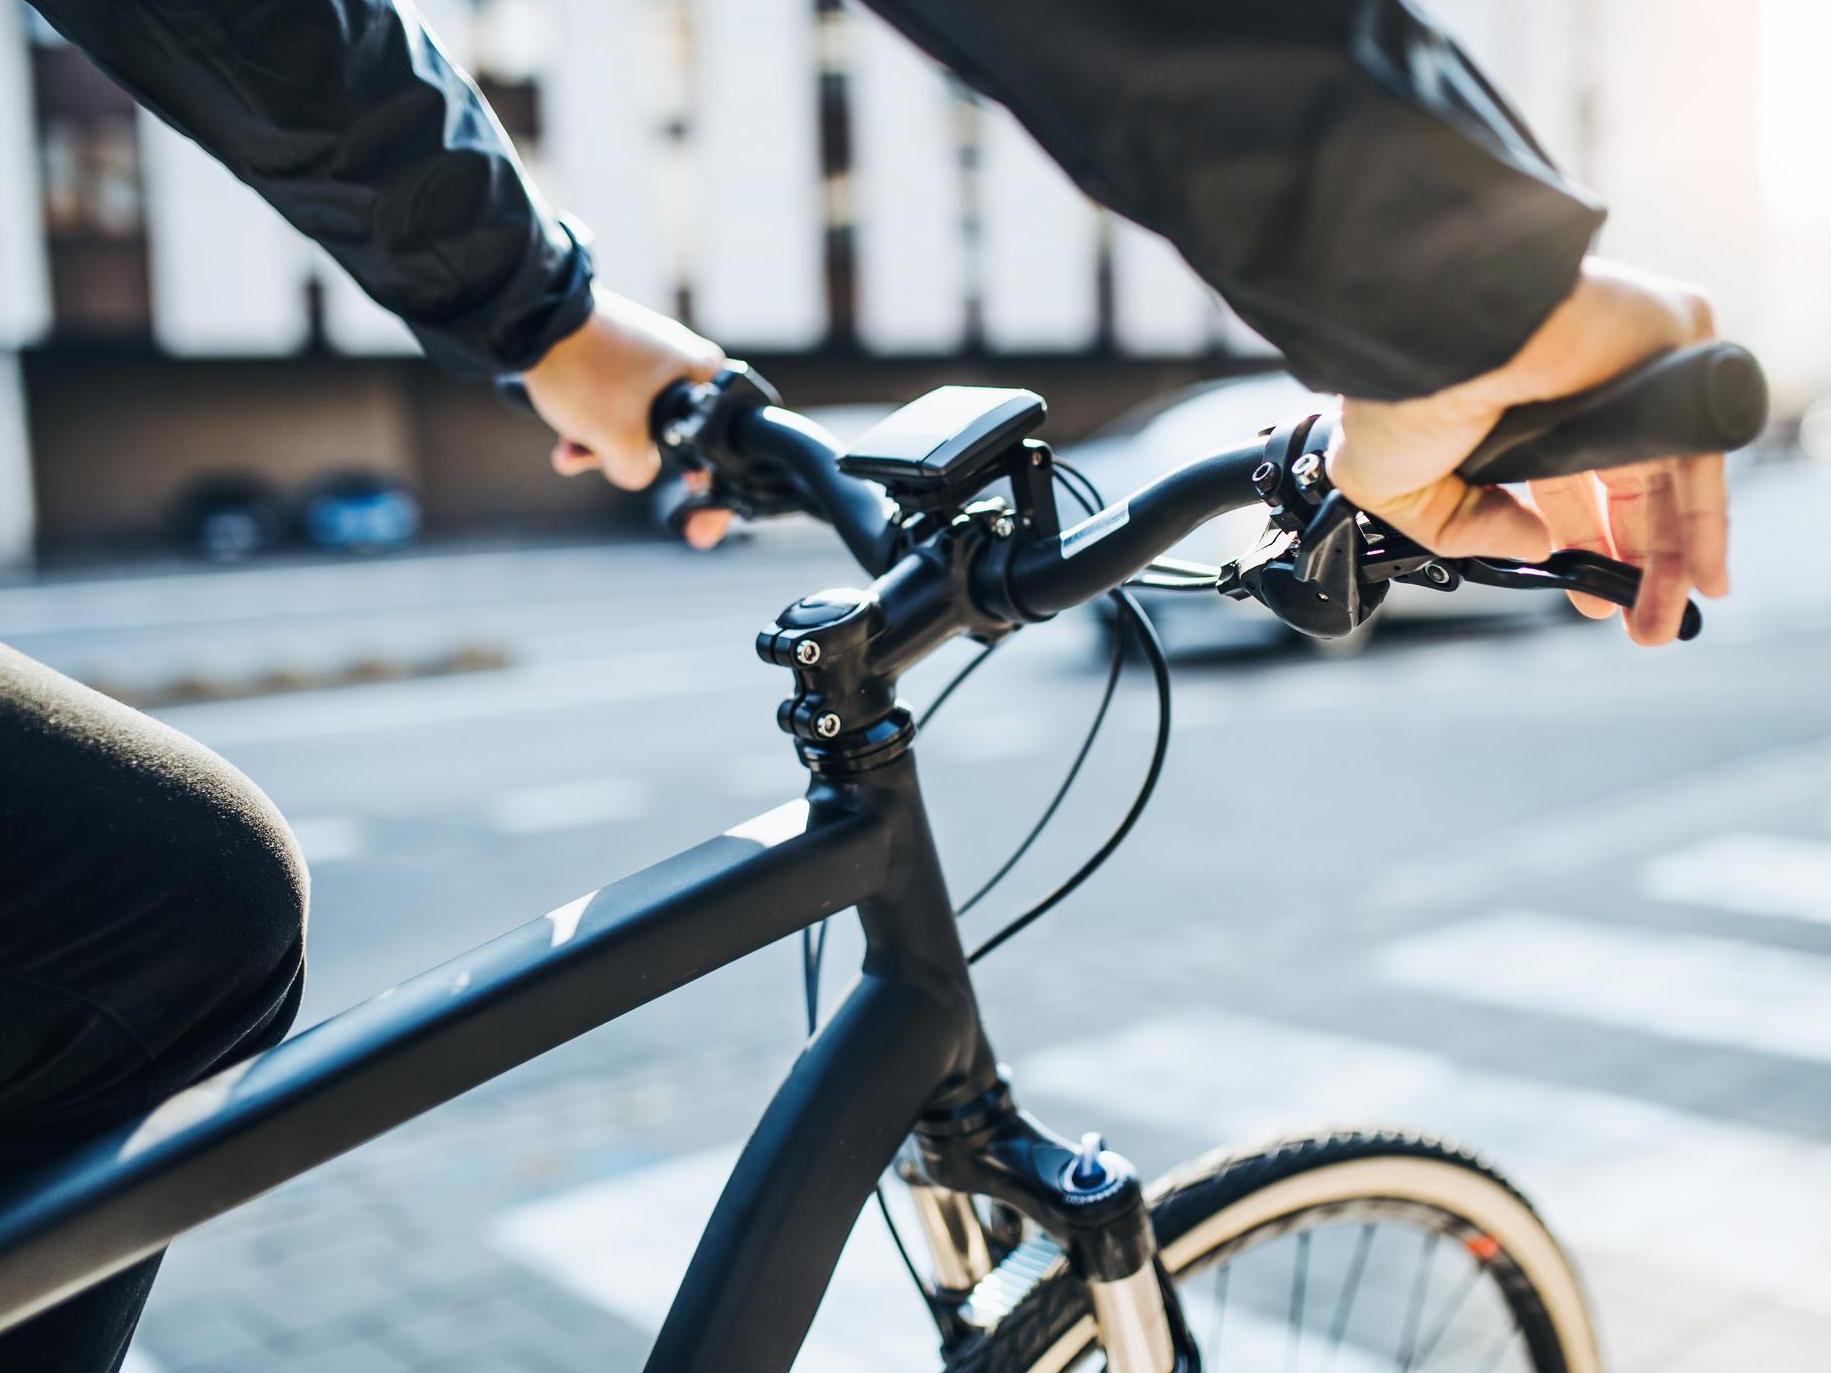 Une émission de La Première consacrée au vélo